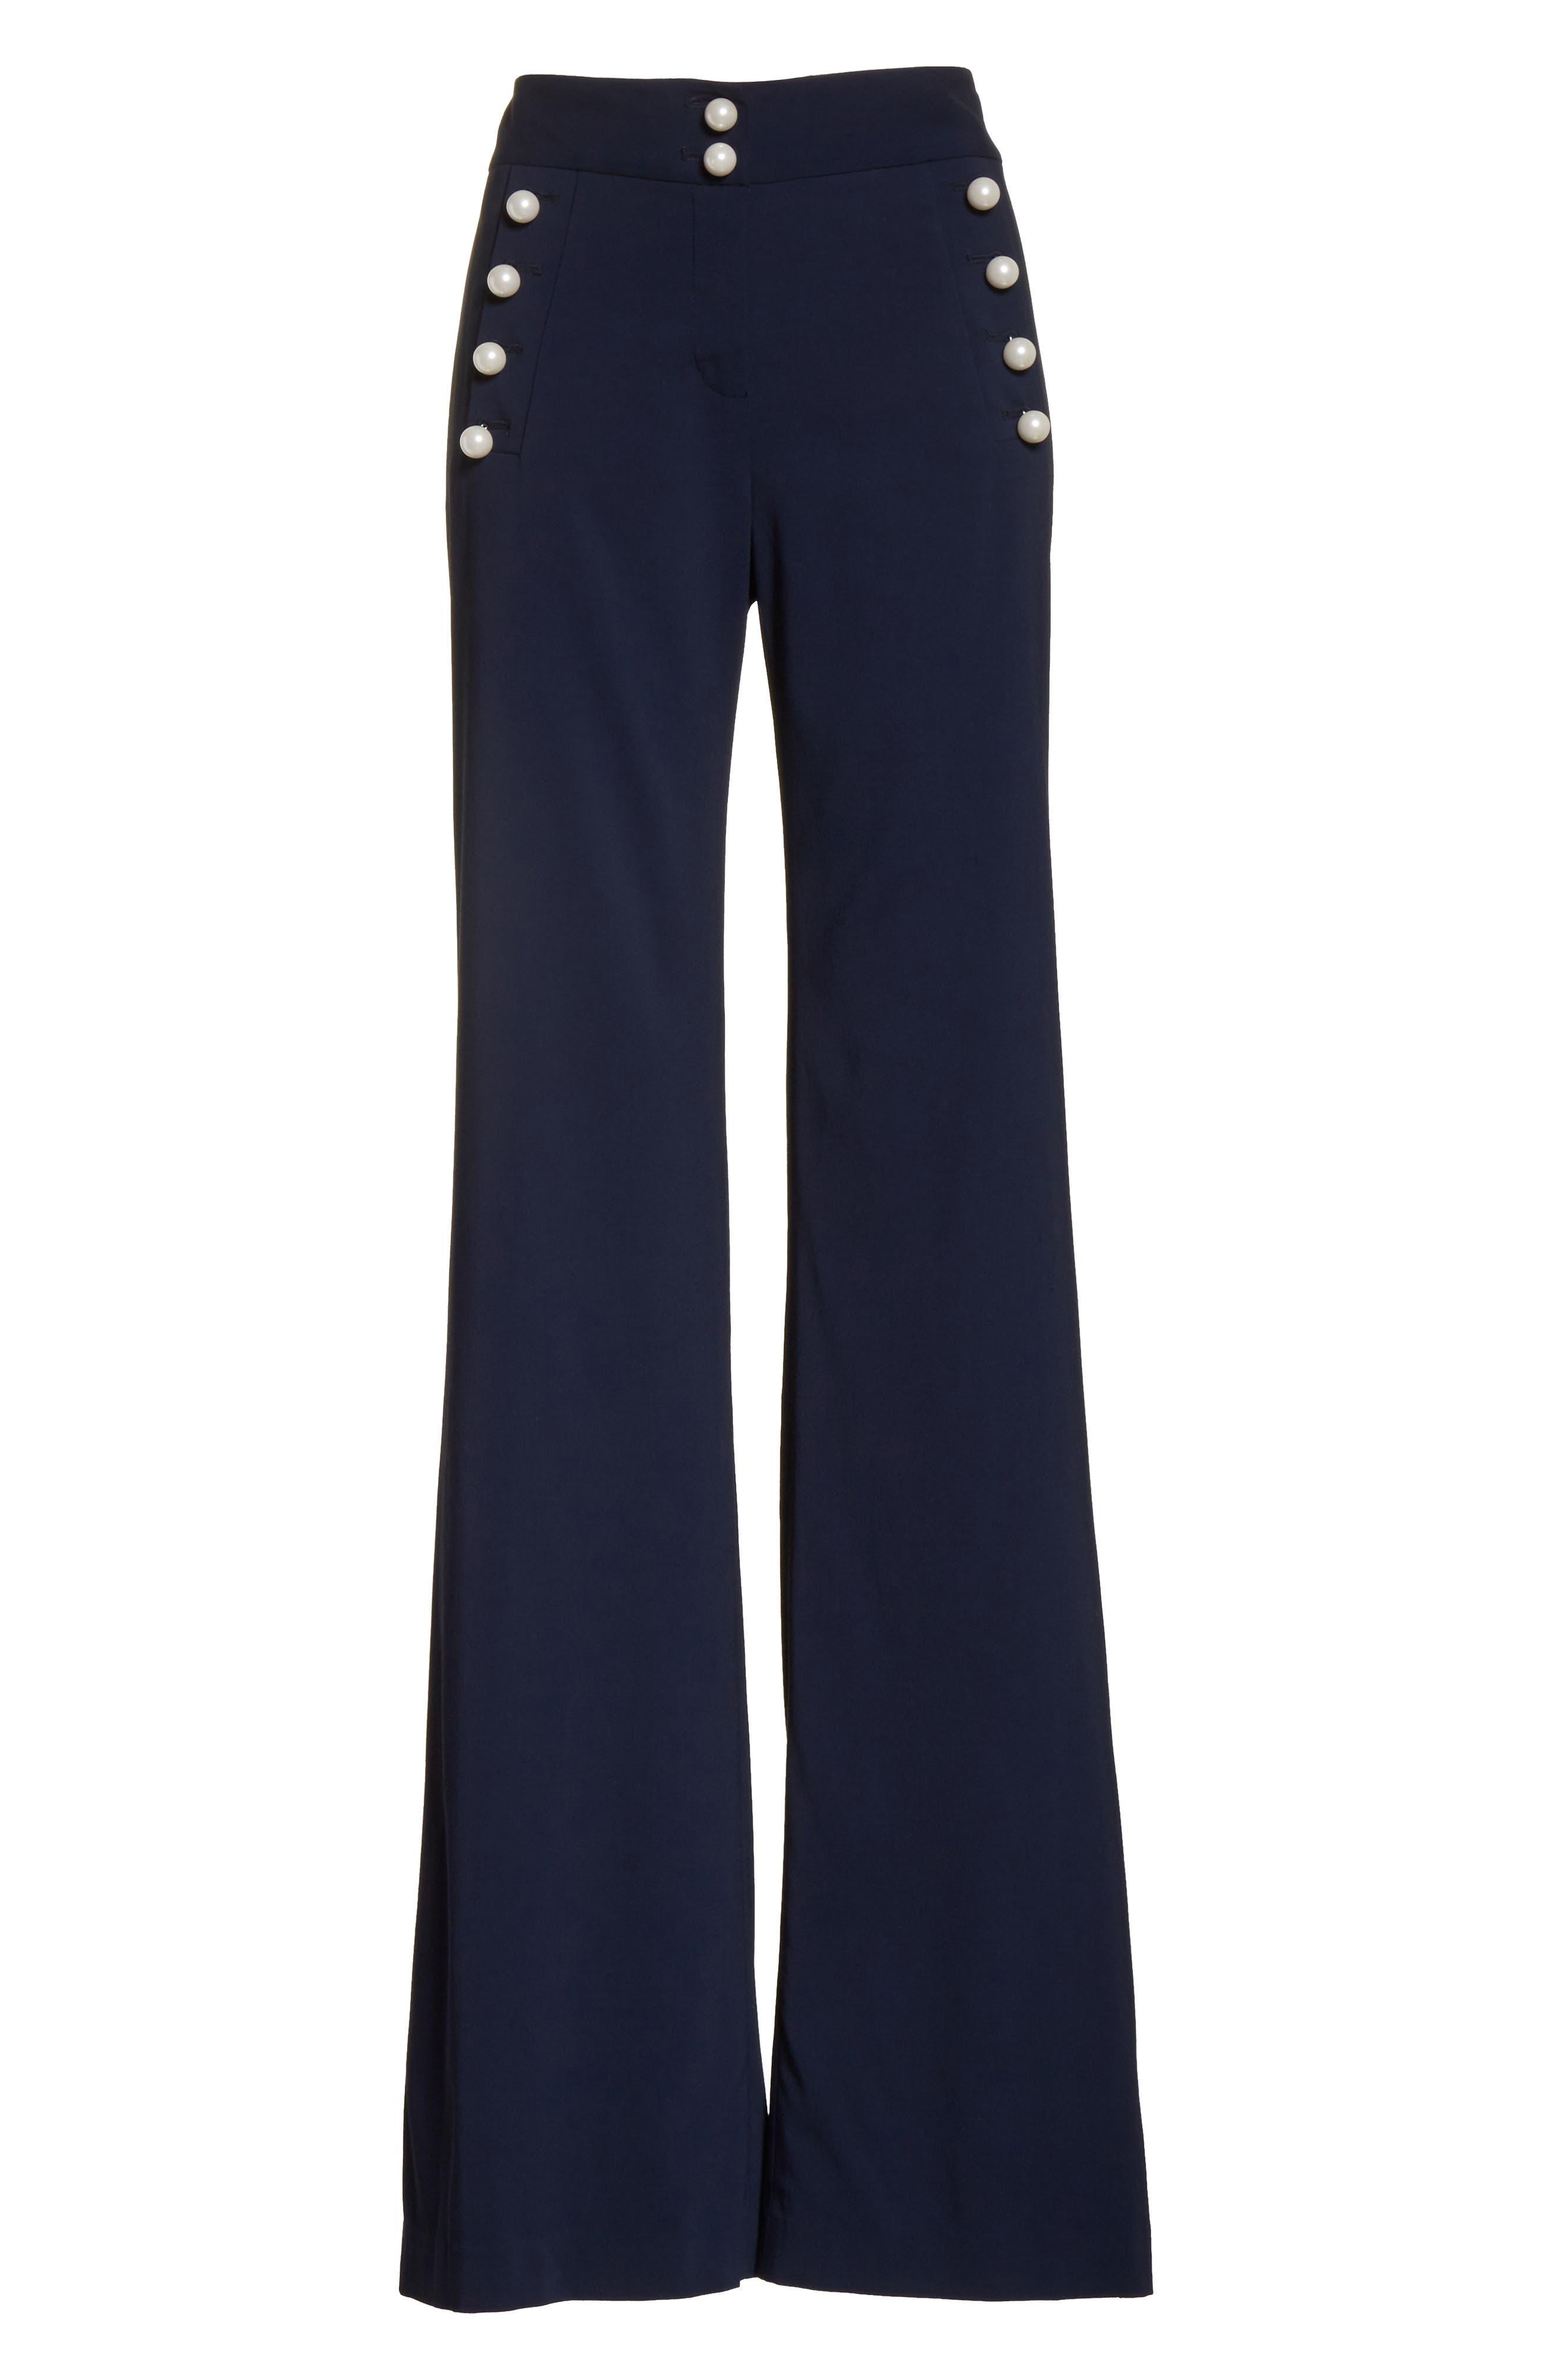 Adley Sailor Pants,                             Alternate thumbnail 6, color,                             410